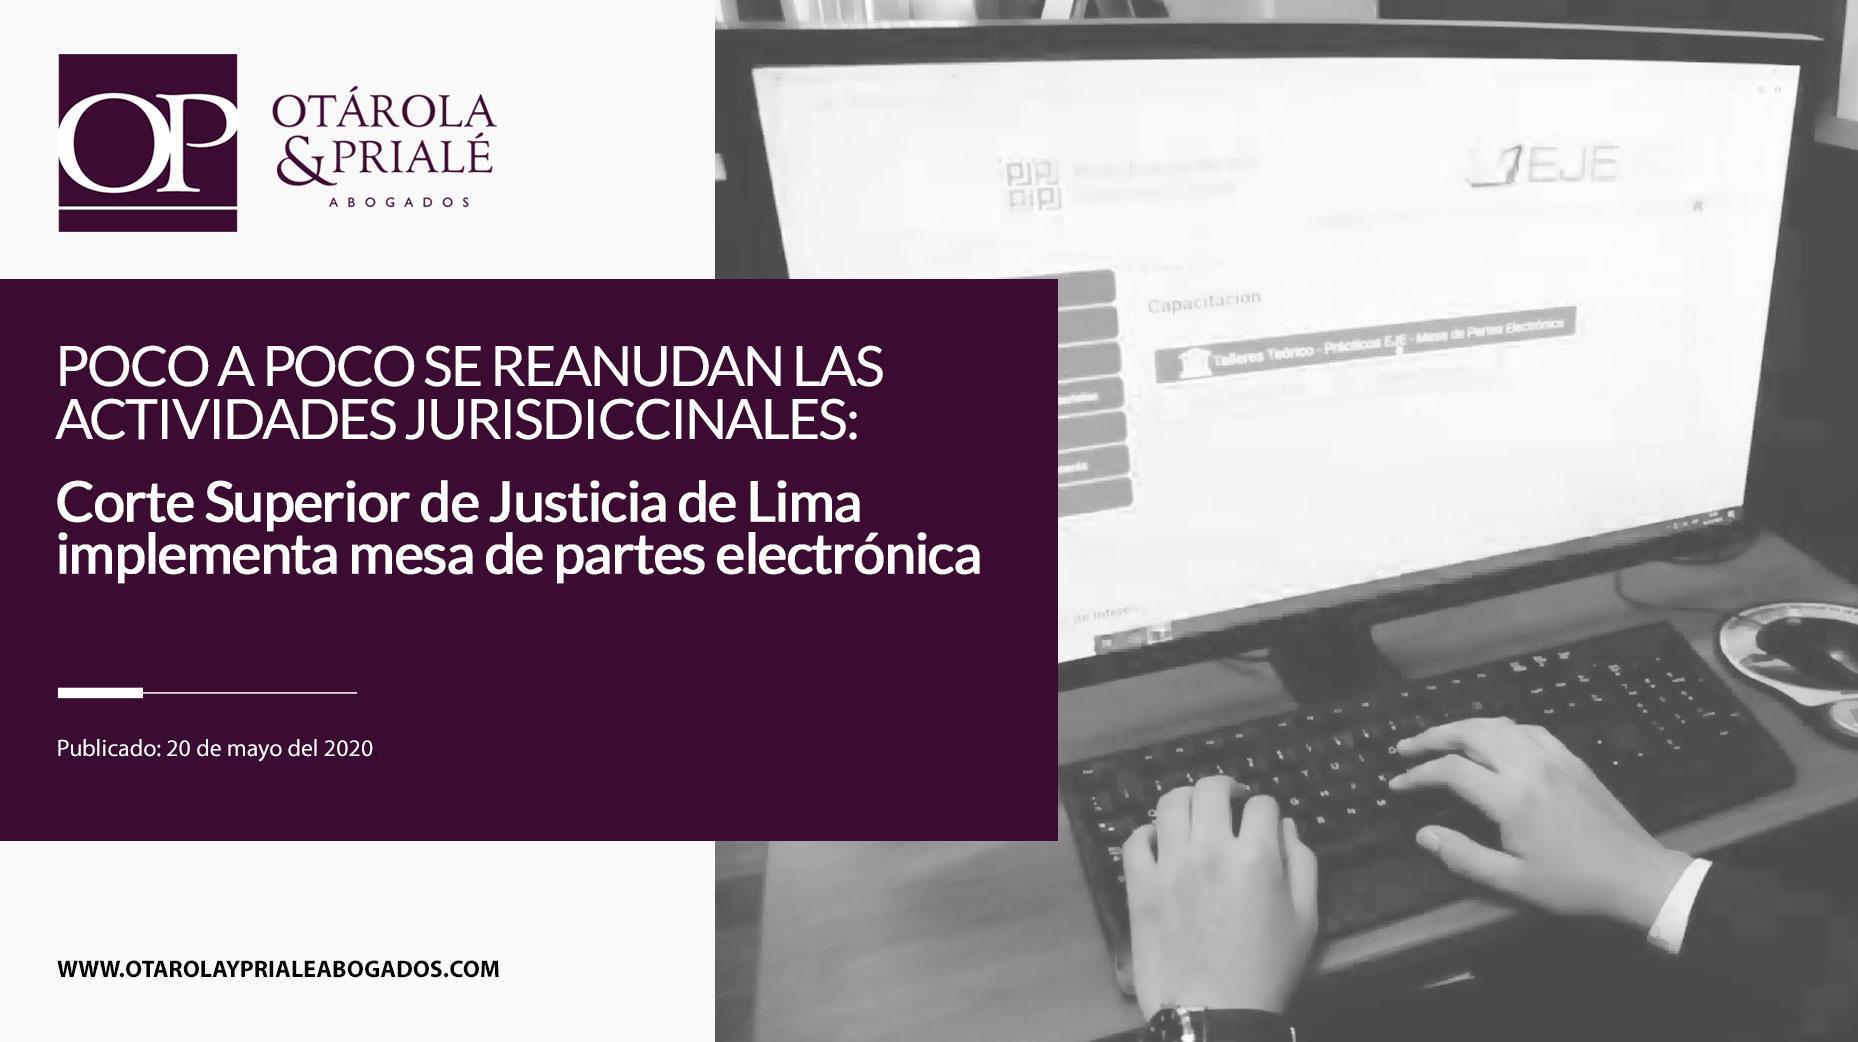 Poco a poco se reanudan actividades jurisdiccionales: Corte Superior de Justicia de Lima implementa mesa de partes electrónica